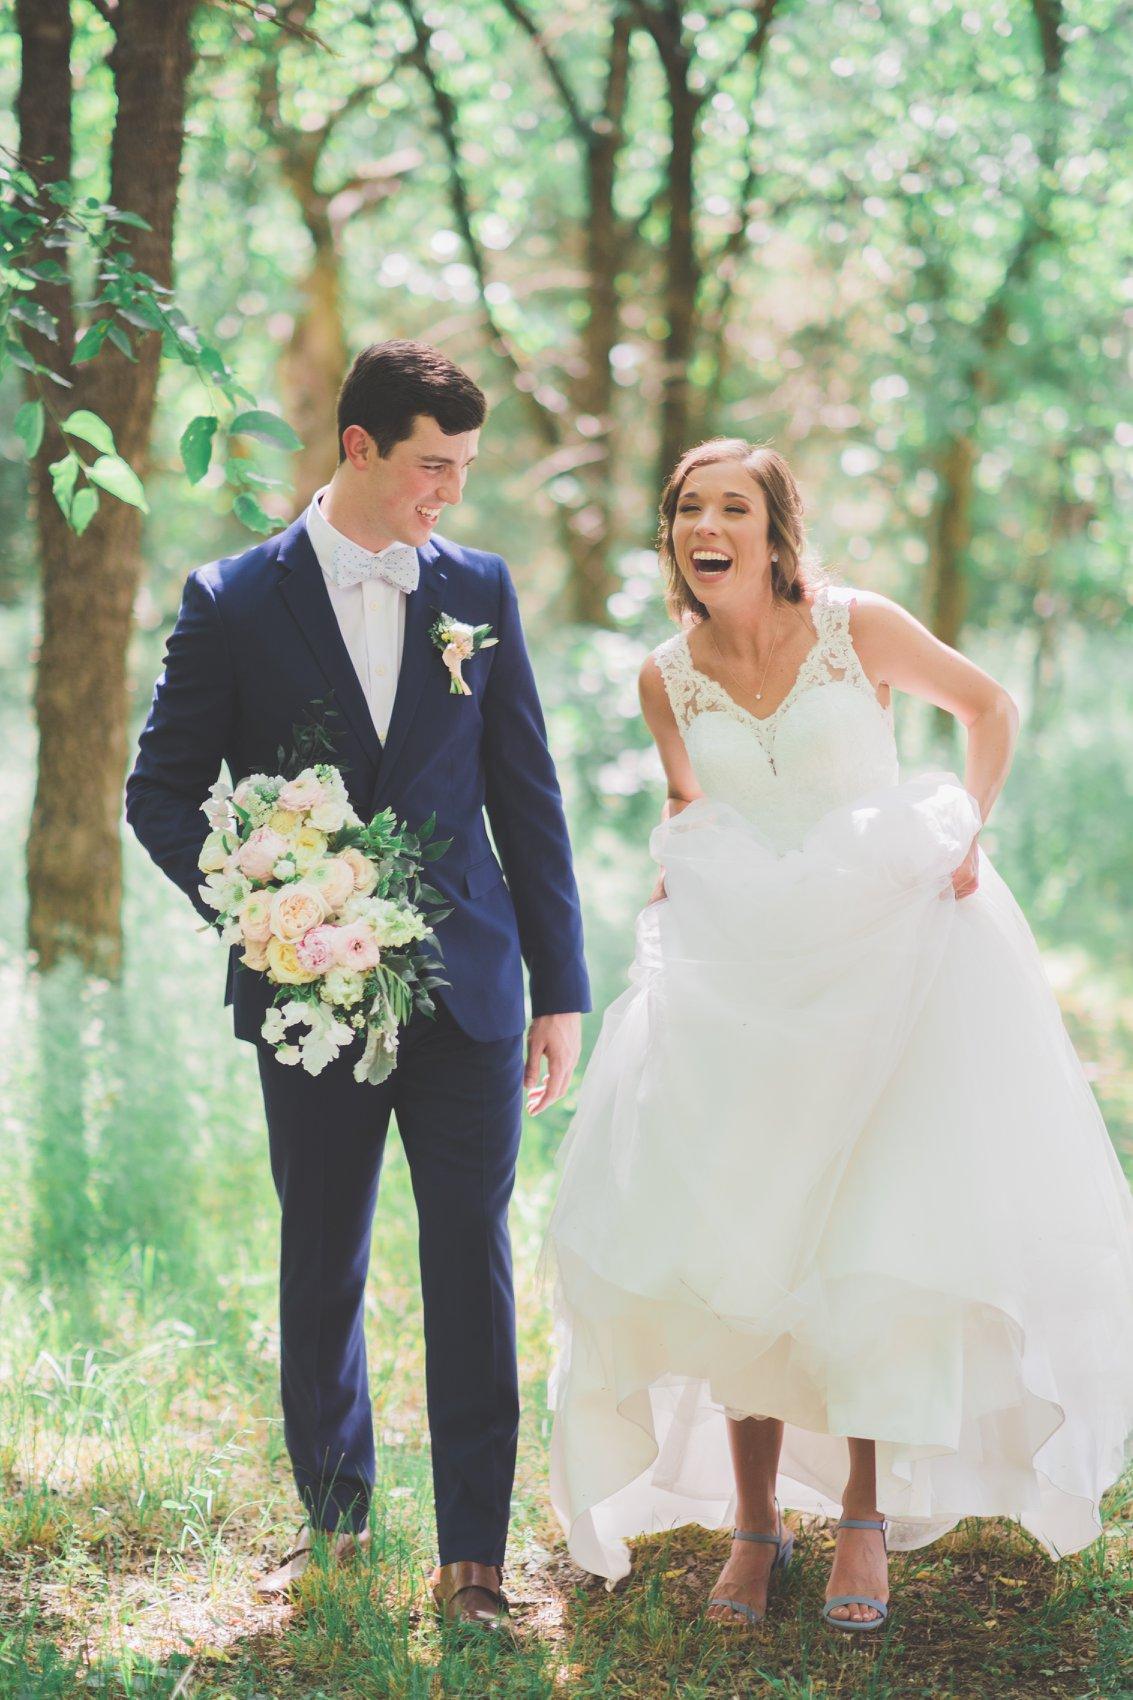 midlothian_wedding_pink_flowers_11.jpg